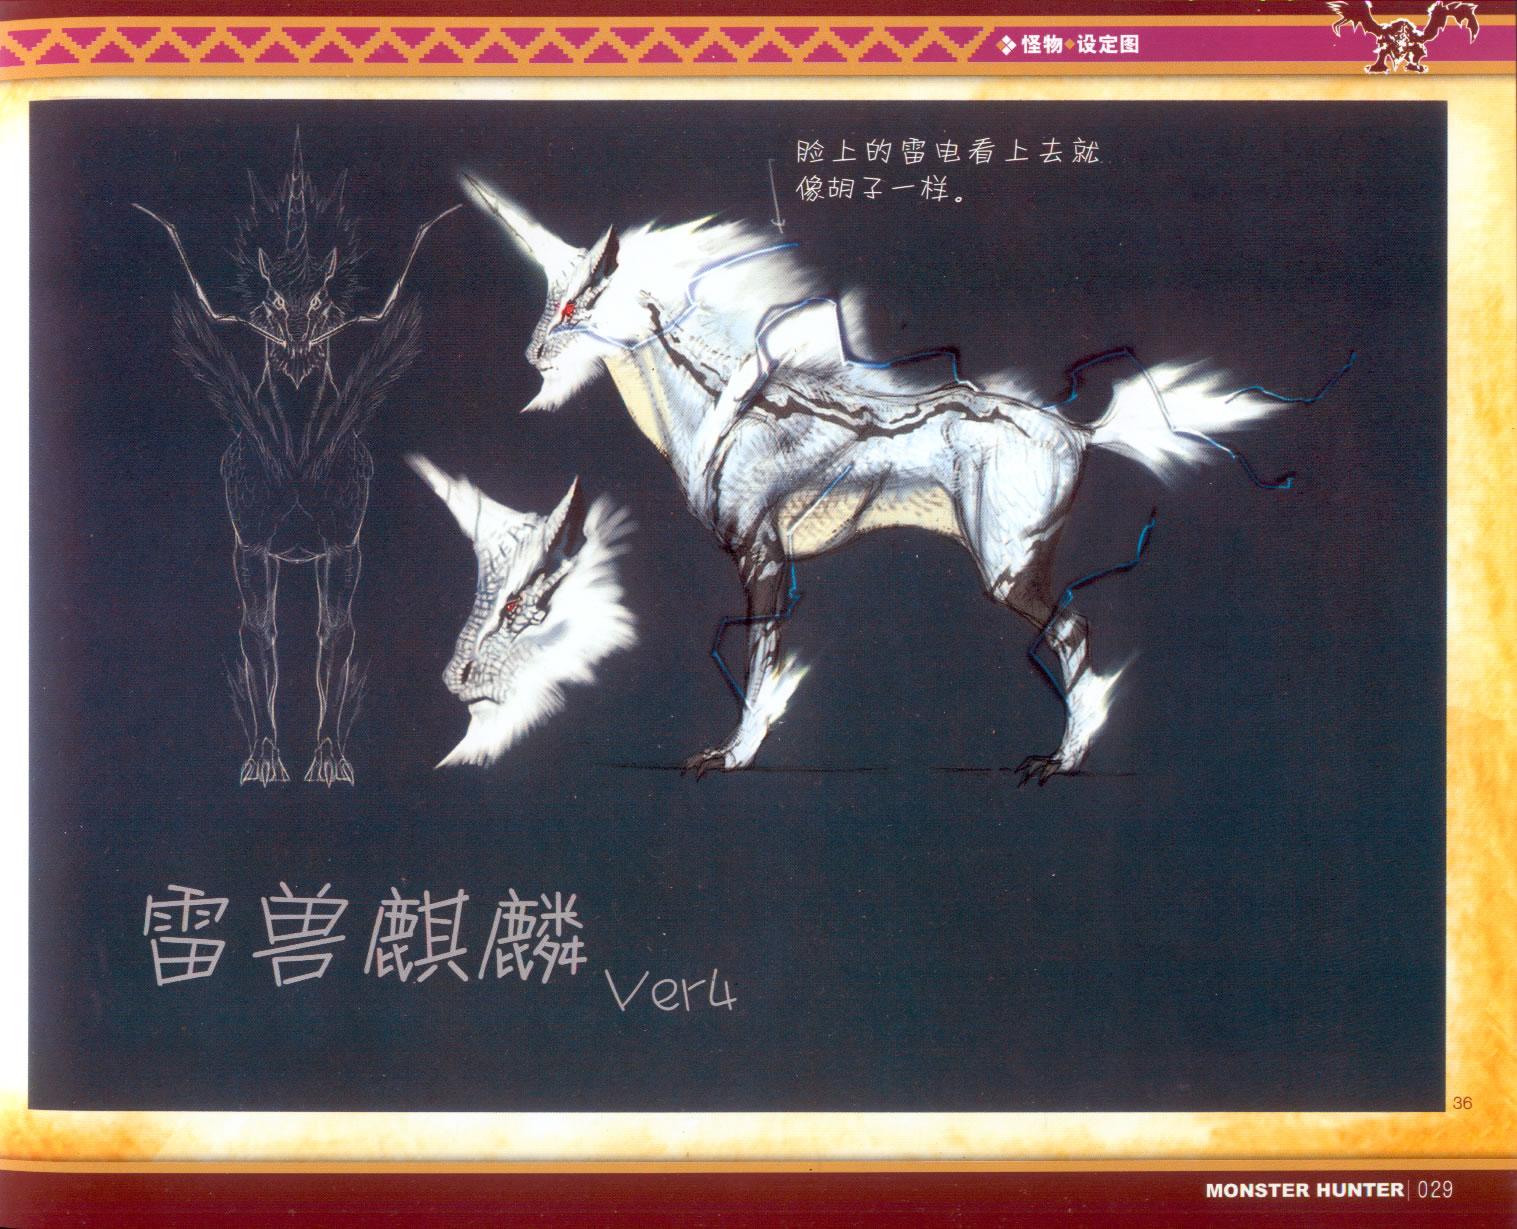 029_关注-游艺网GAME798海量资源下载怪物猎人终极画集.jpg